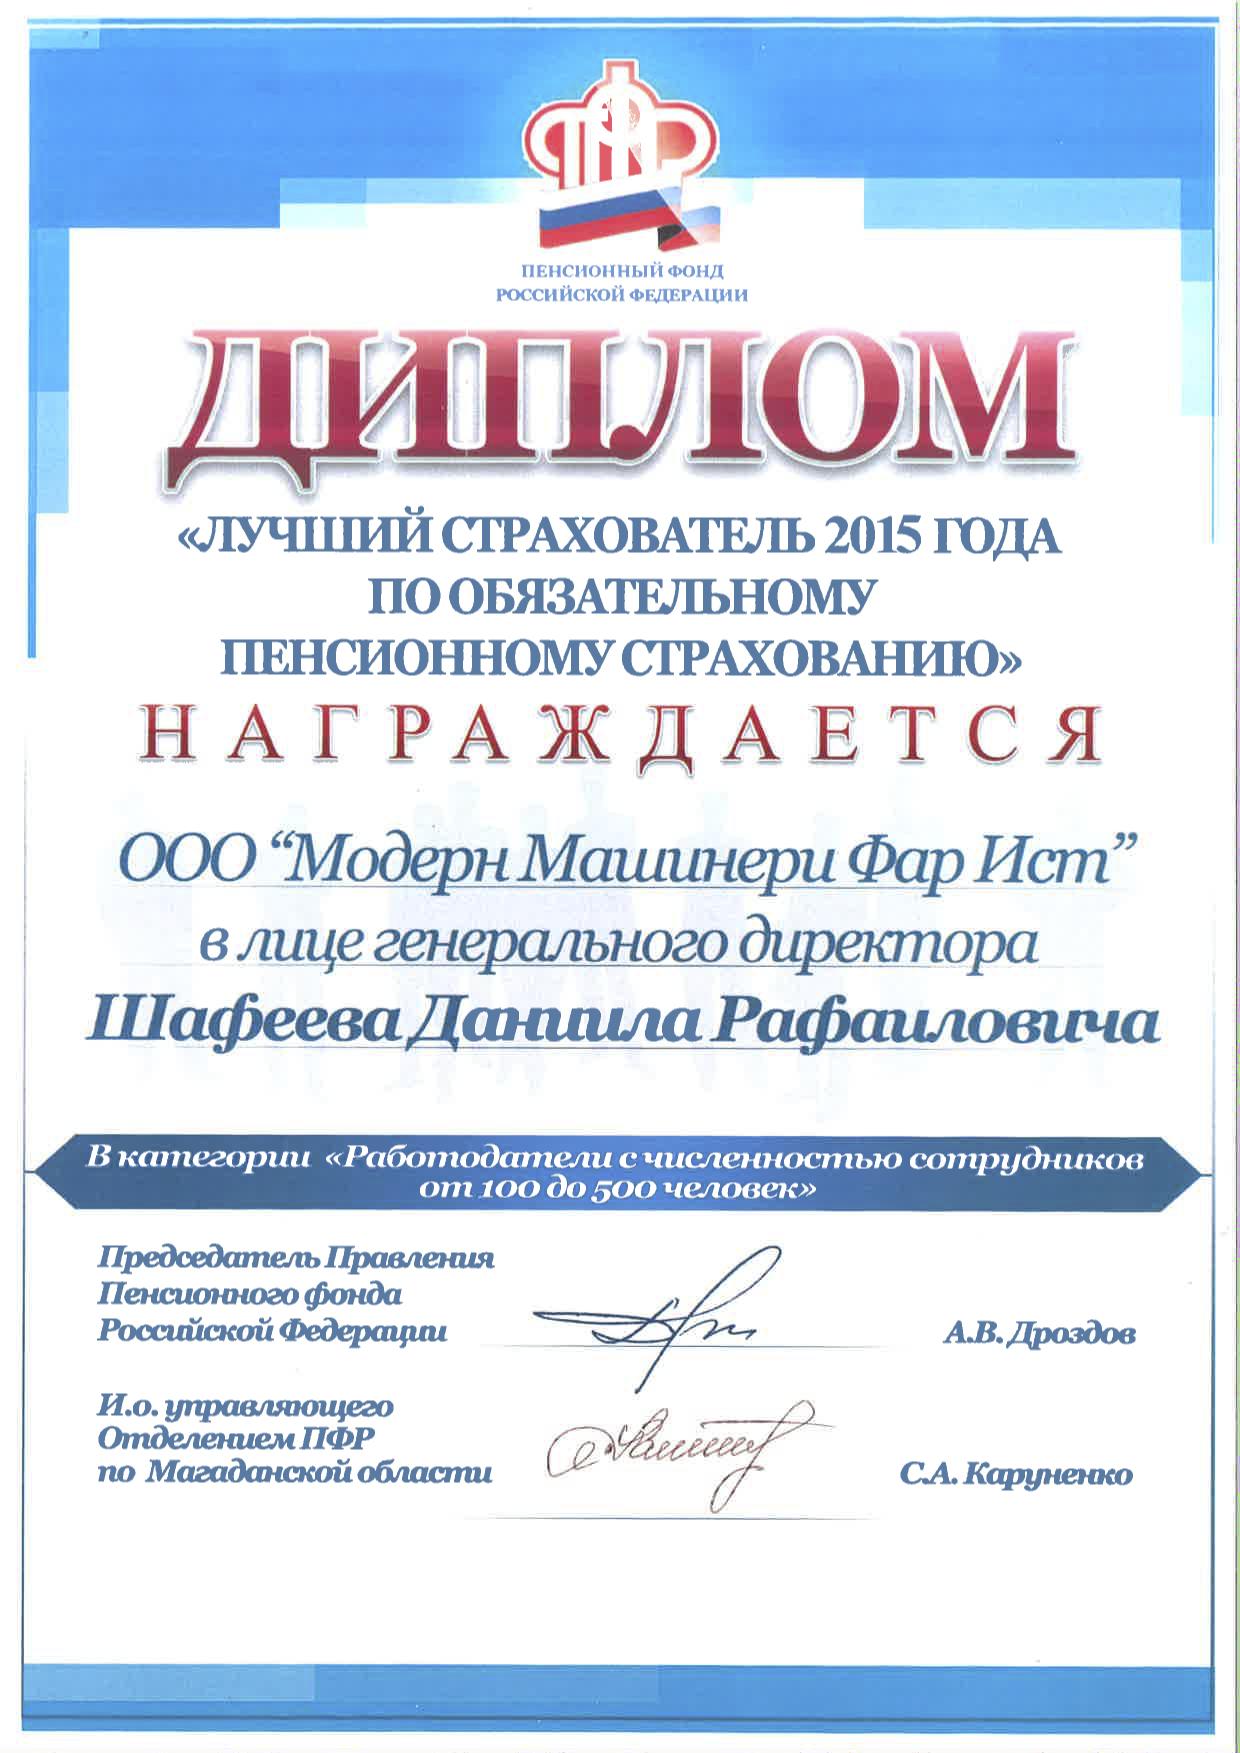 Этим летом управление Пенсионного фонда по Магаданской области  Этим летом управление Пенсионного фонда по Магаданской области вручило нашей компании диплом Лучший страхователь